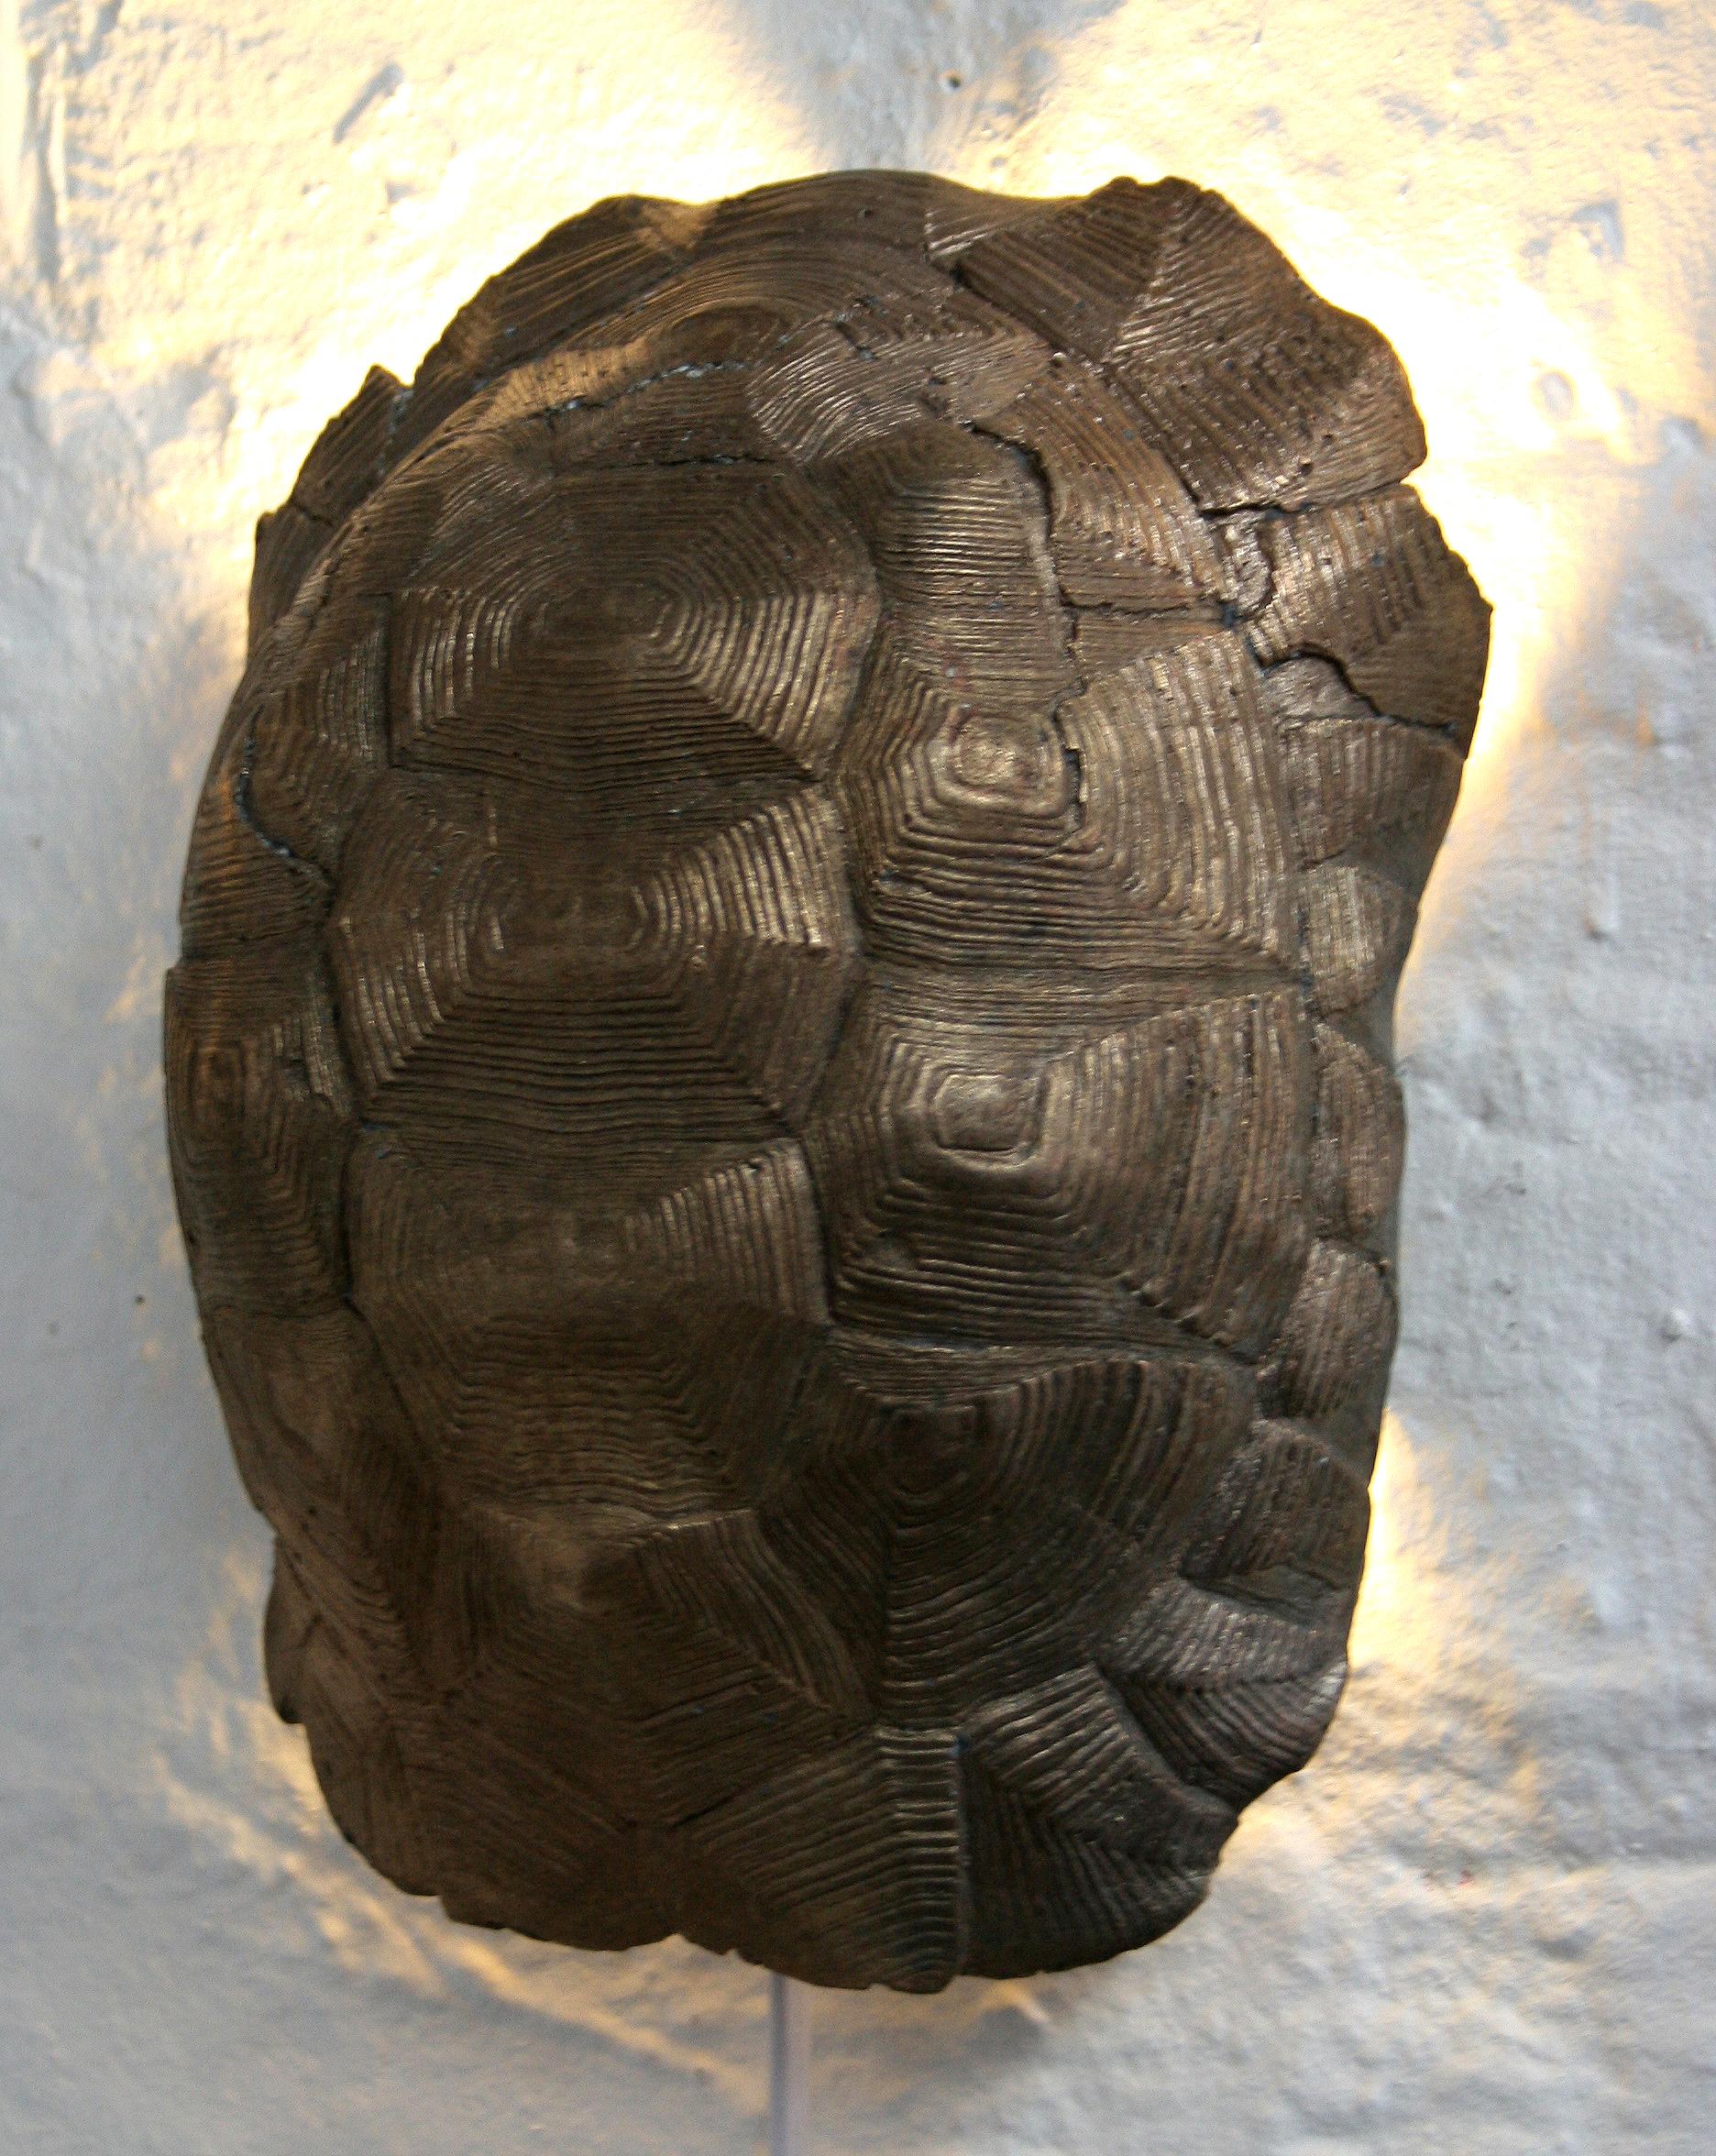 Bronze - 22x15x10cm - 2011